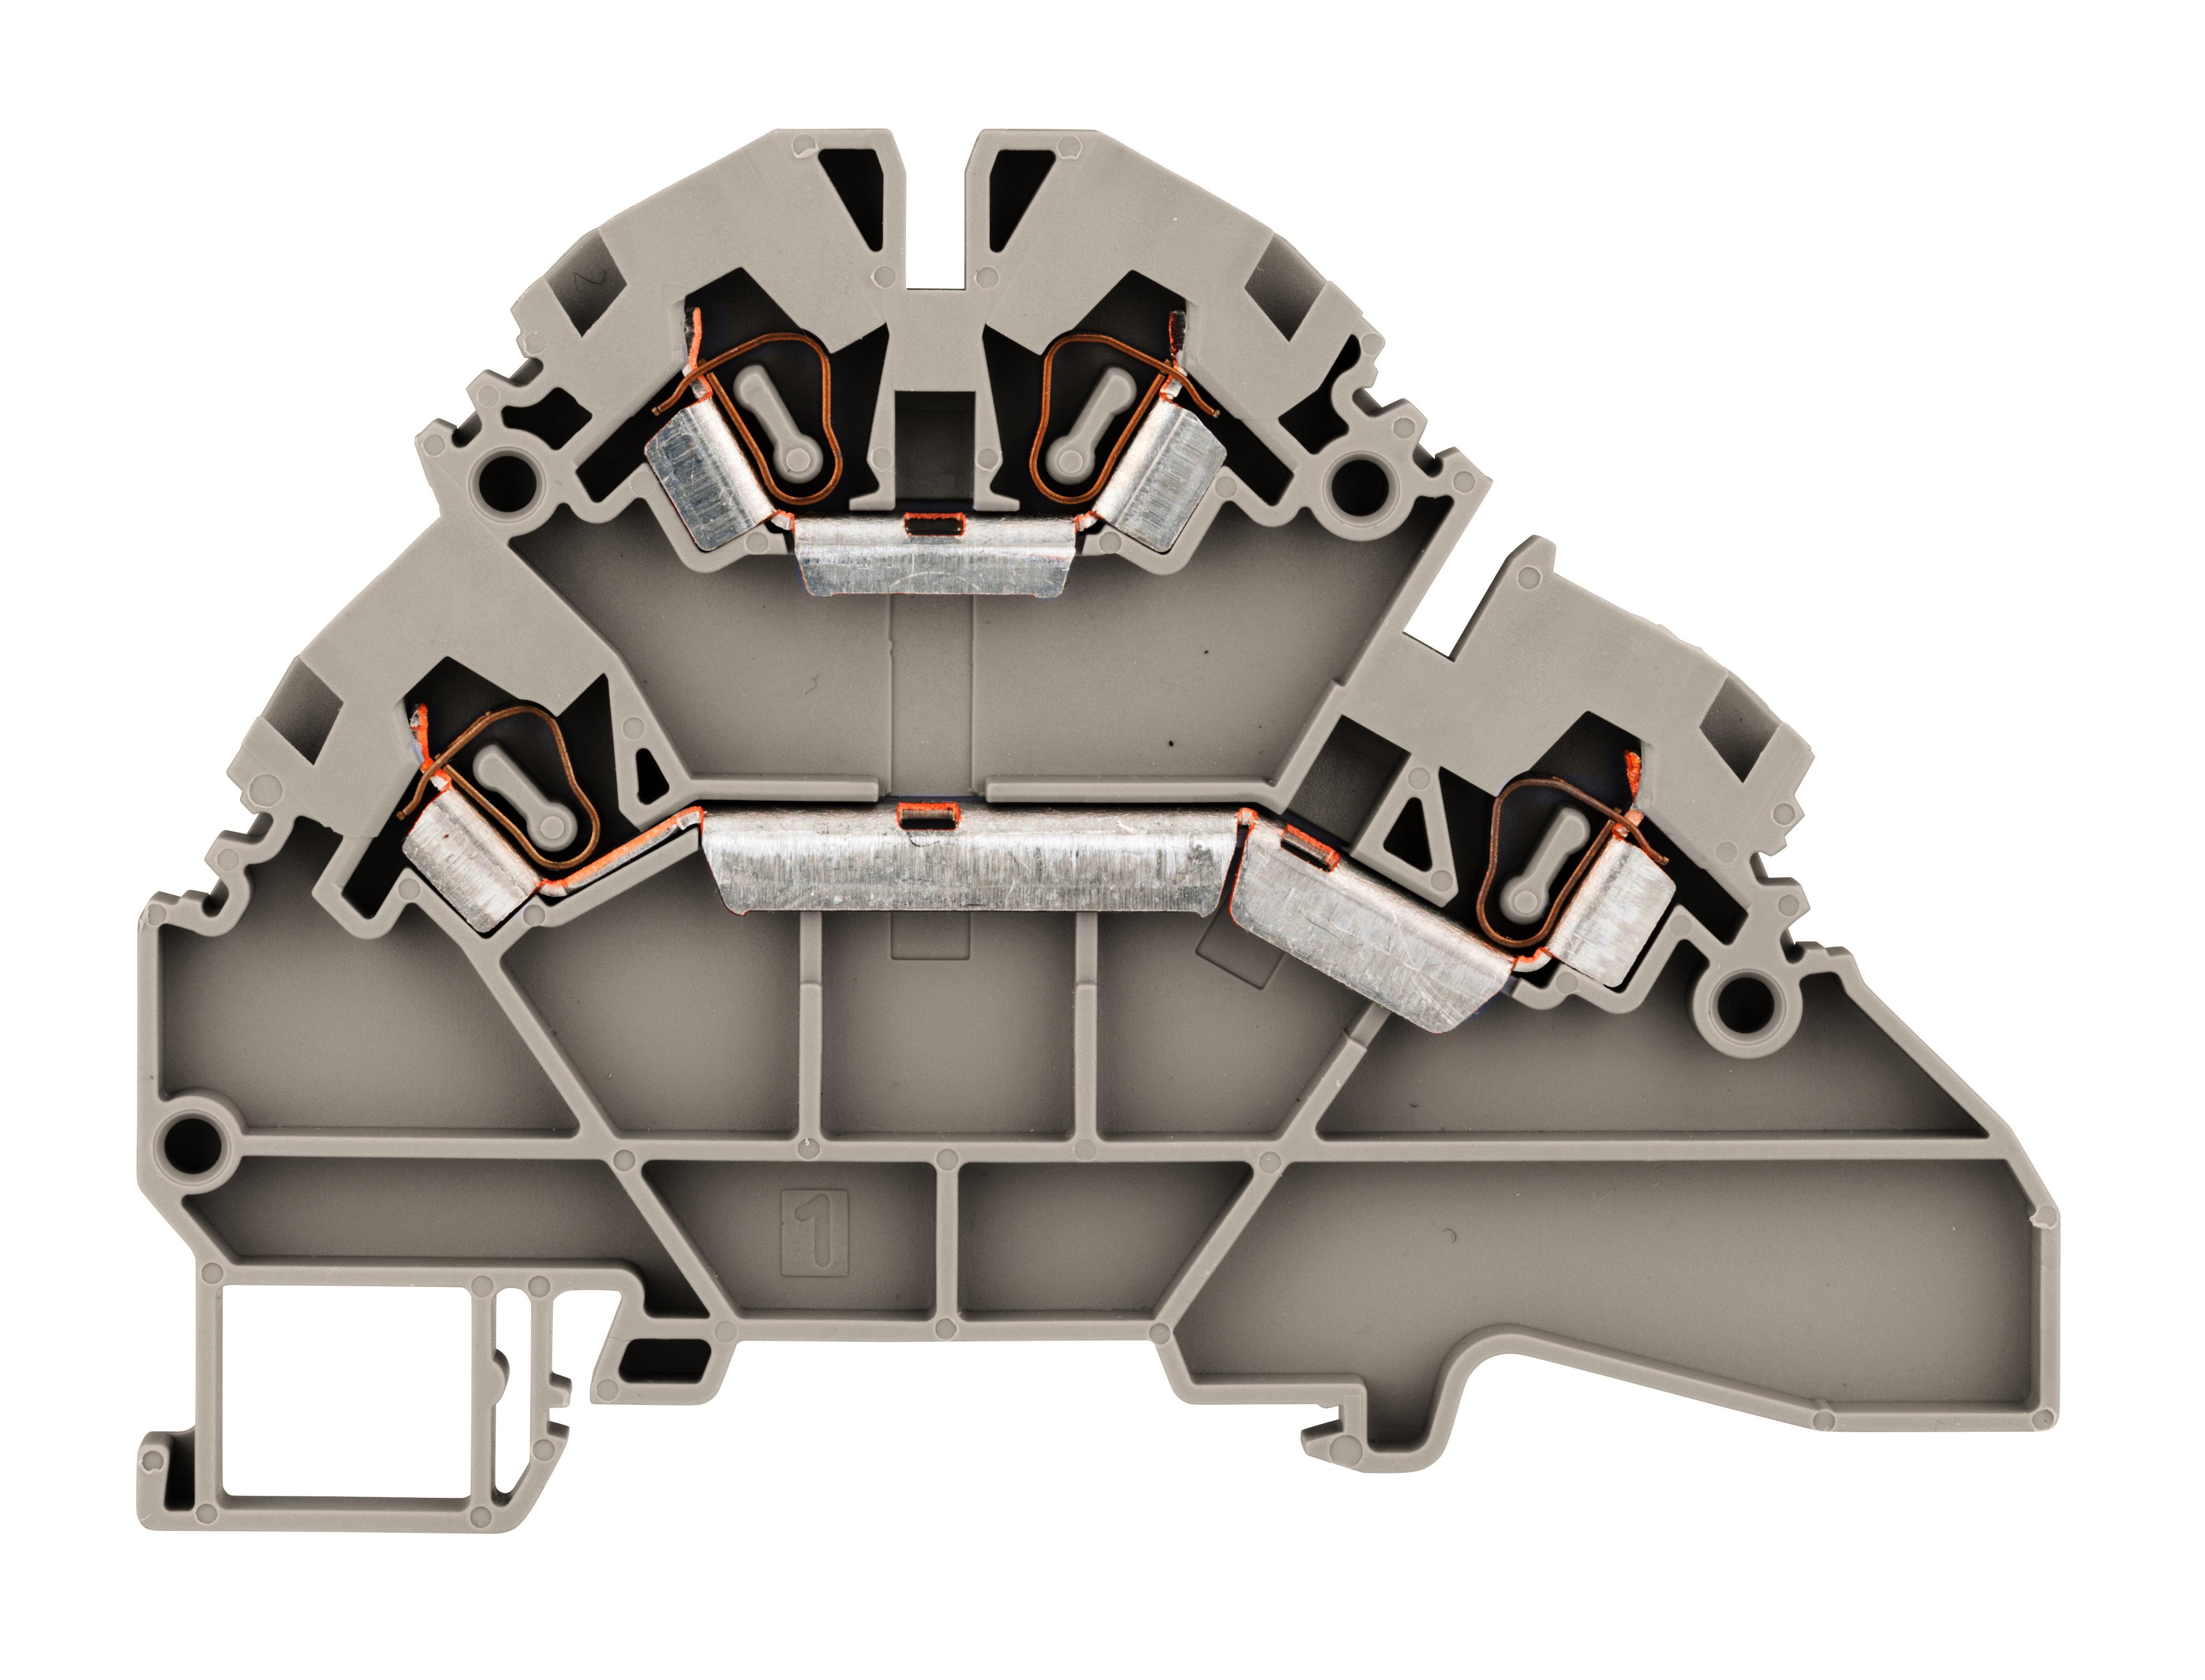 1 Stk Doppelstockklemme 2,5mm², Type YBK 2.5 - 2 F grau IK660002--